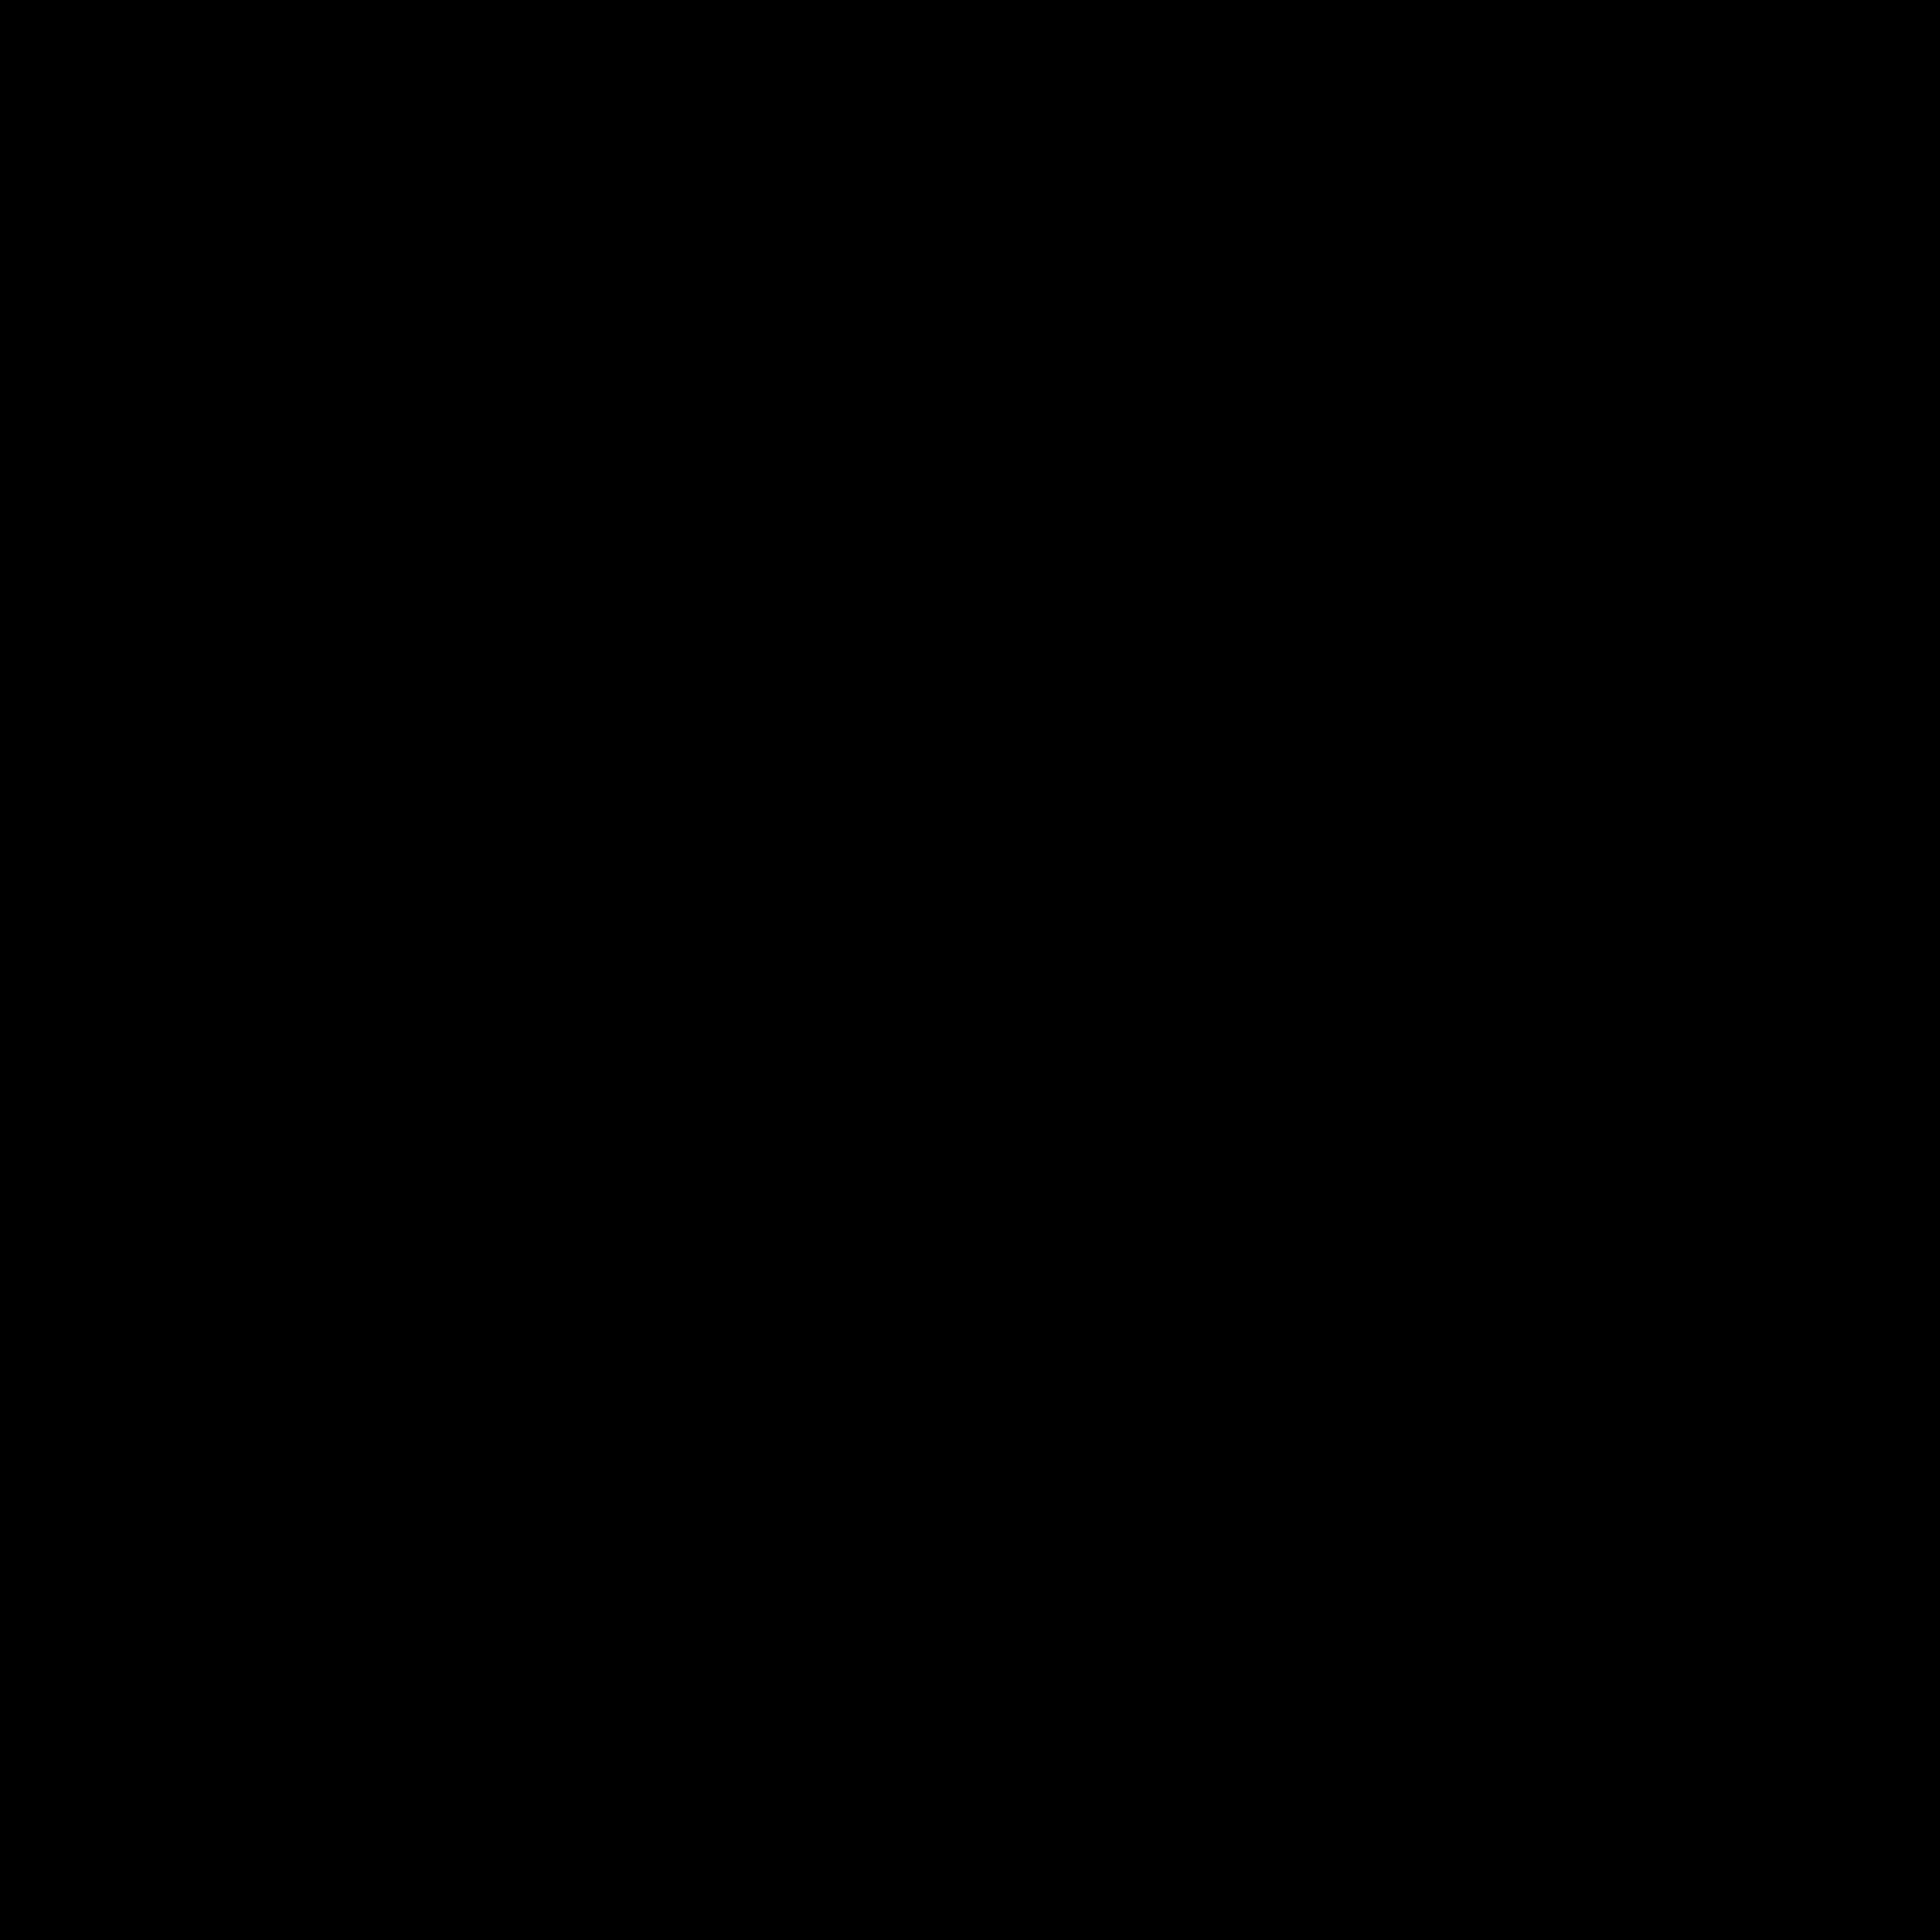 Volkswagen Voyage manufacturer logo